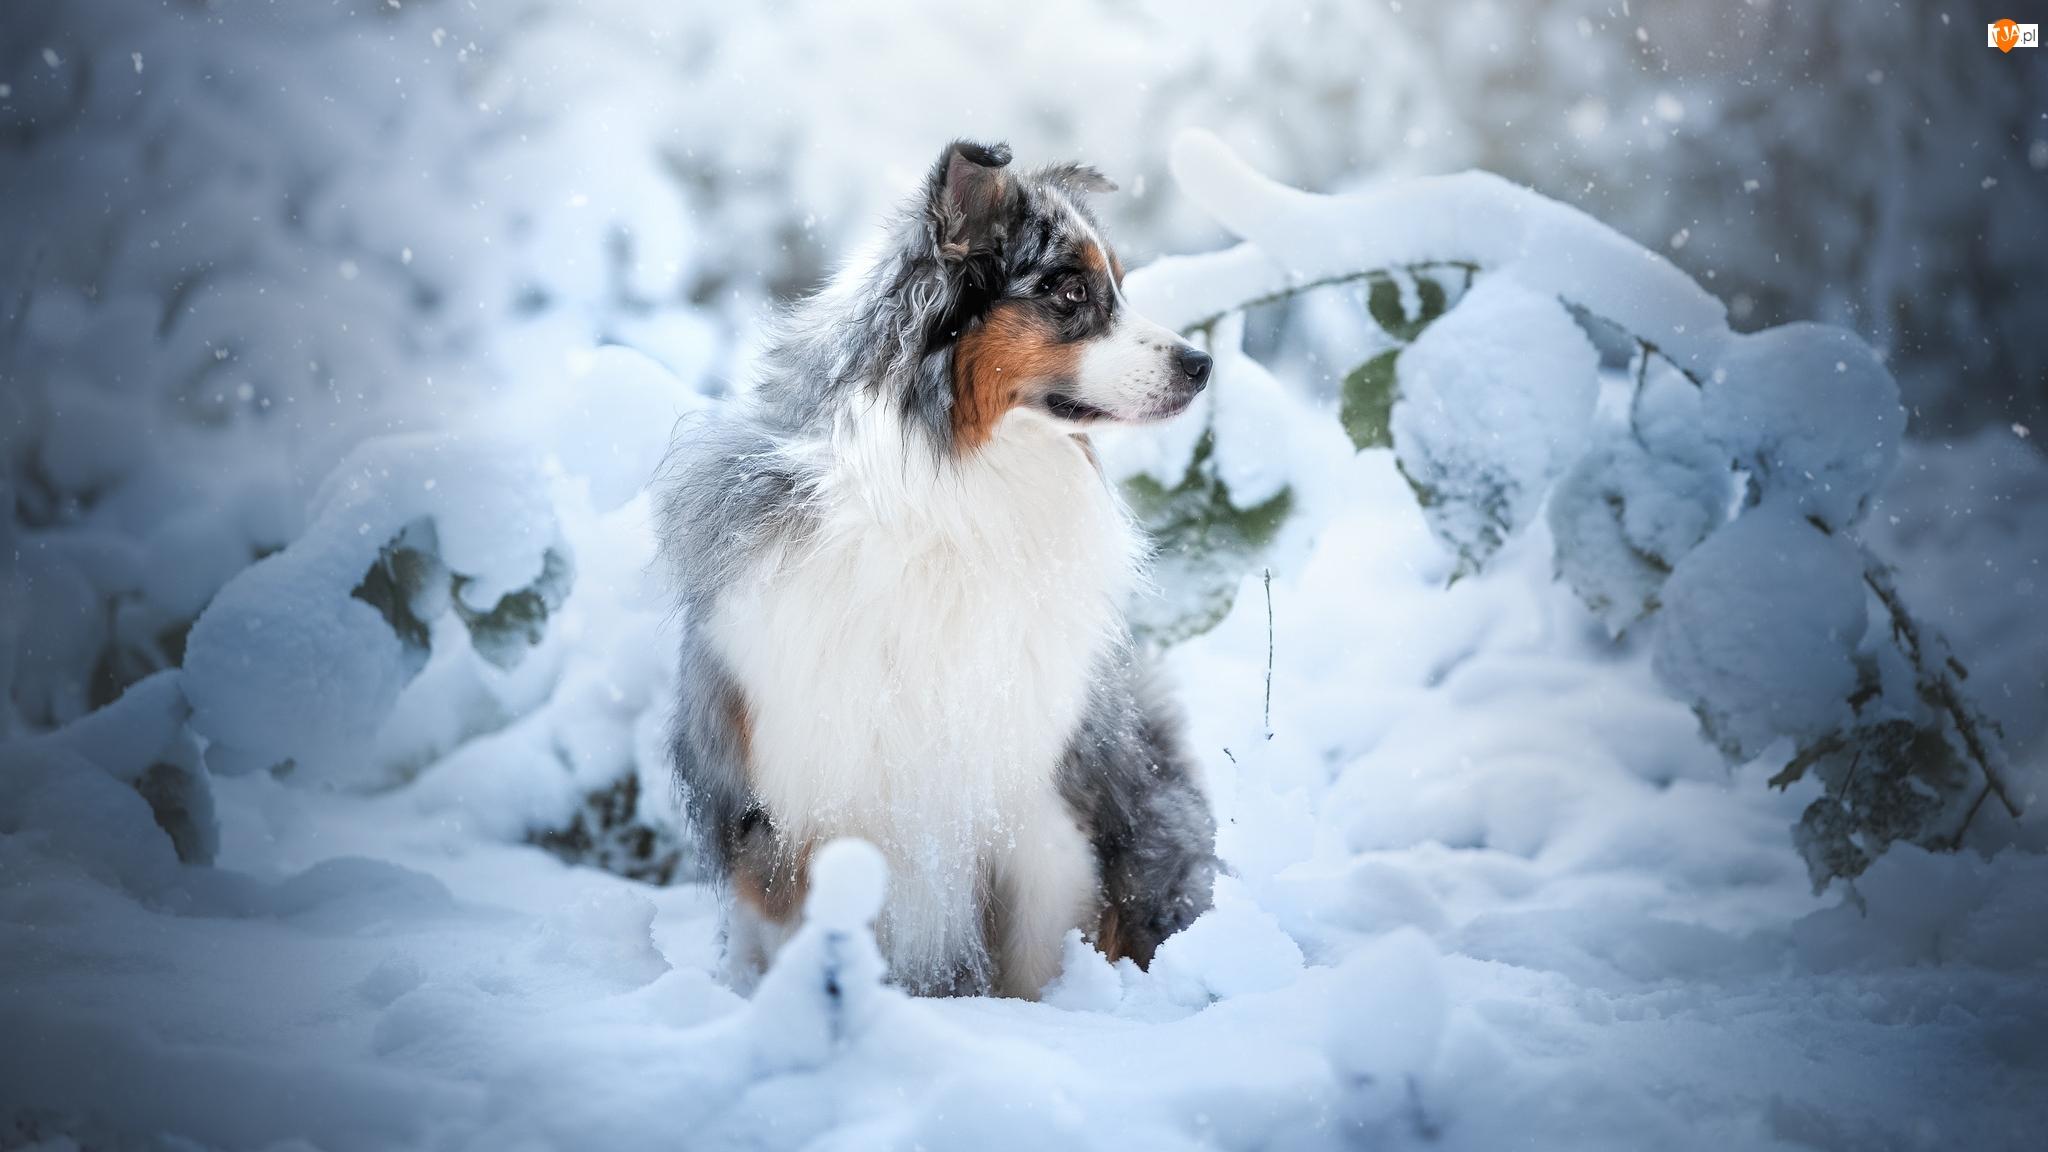 Zima, Pies, Rośliny, Owczarek australijski, Śnieg